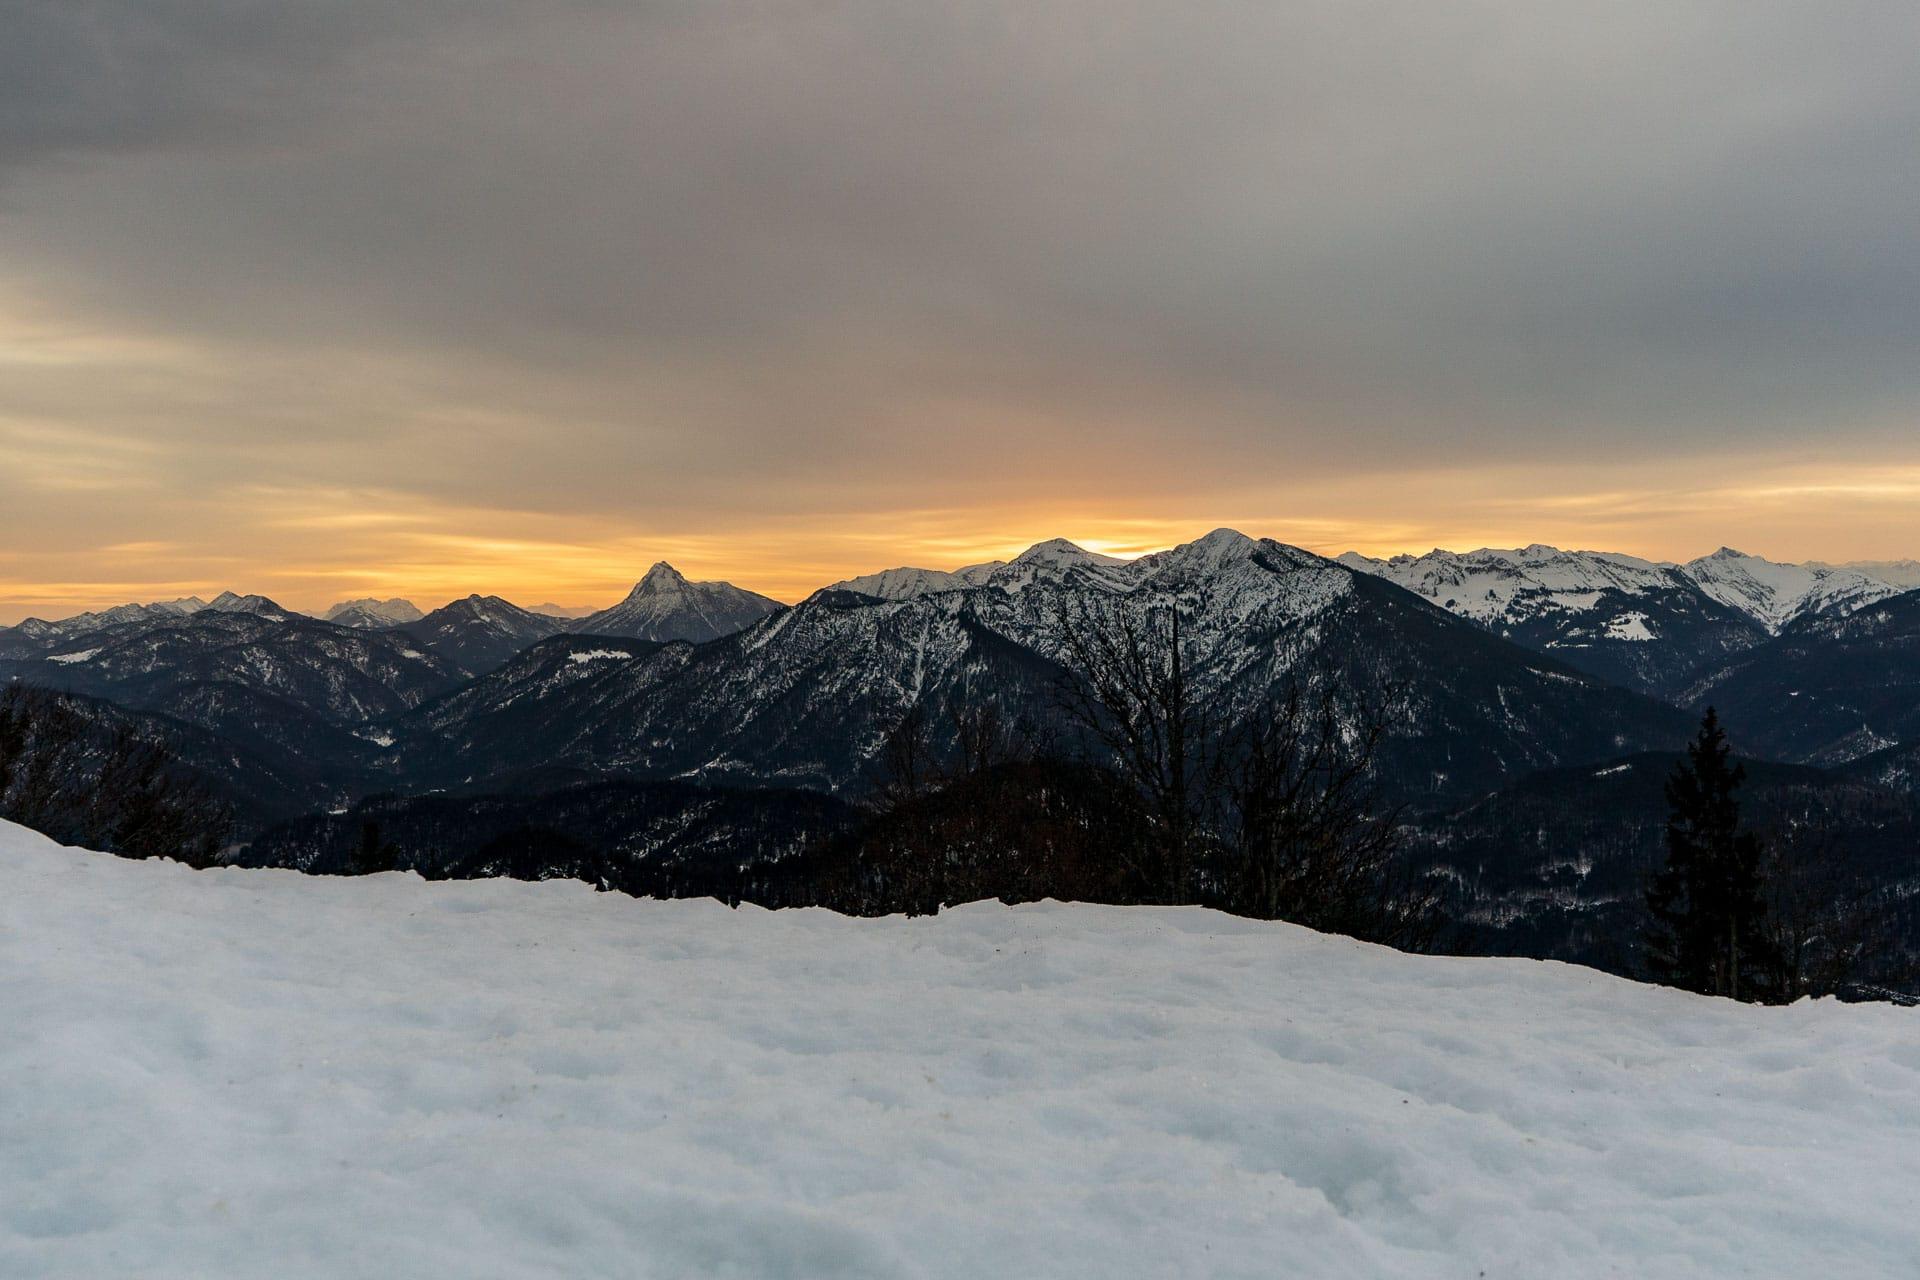 Sonnenaufgang am Staffel